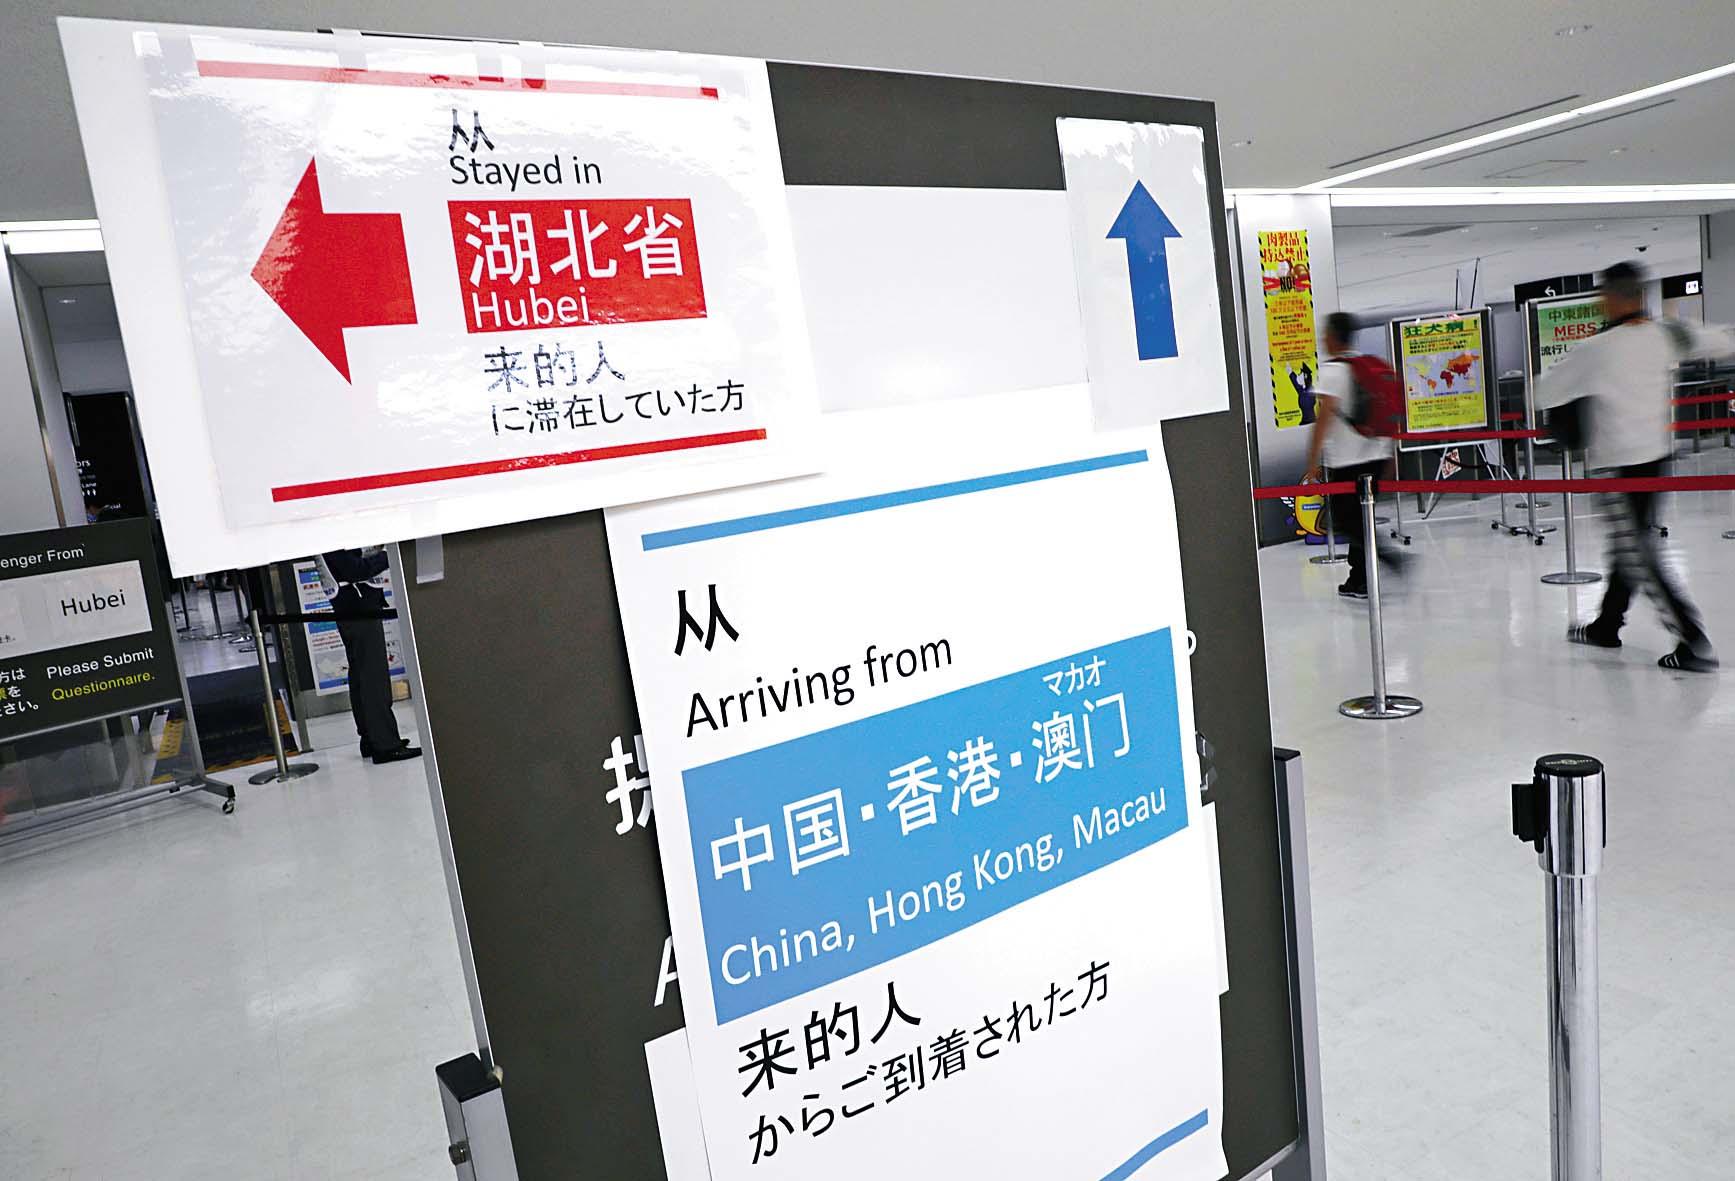 東京成田機場有標語牌指示來自湖北及中港澳旅客,前往申報健康狀況的地點。 路透社